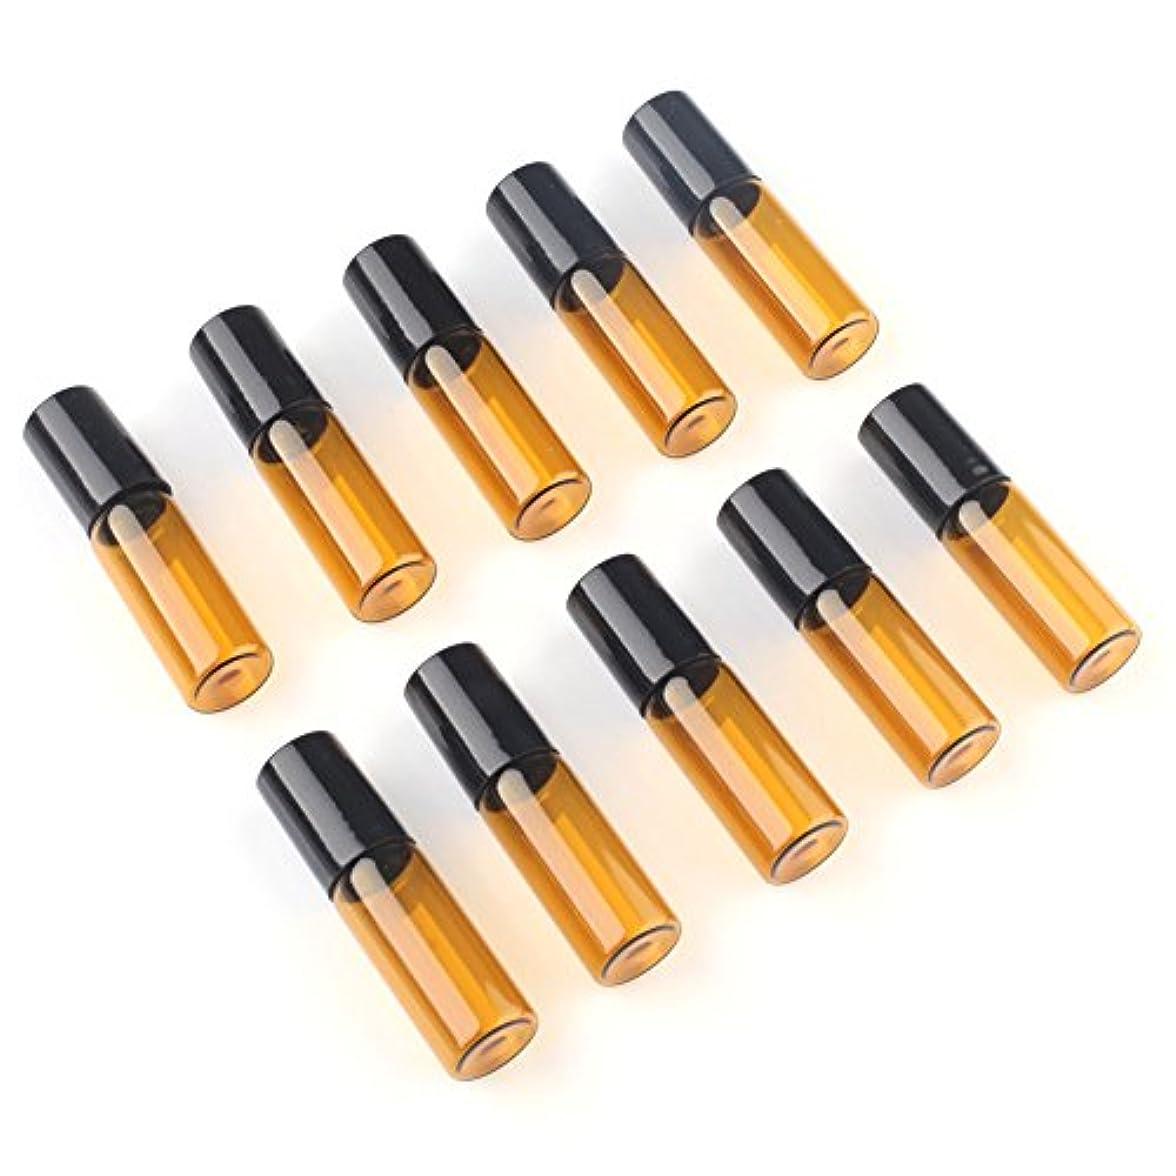 ヒップ手段バッテリーSAGULU アロマオイル 精油 小分け用 遮光瓶 遮光ビン ミニガラスアロマボトル エッセンシャルオイル用容器 スチールボールタイプ 5ml、10ml選択可能 アンバー 10本セット (5ml)